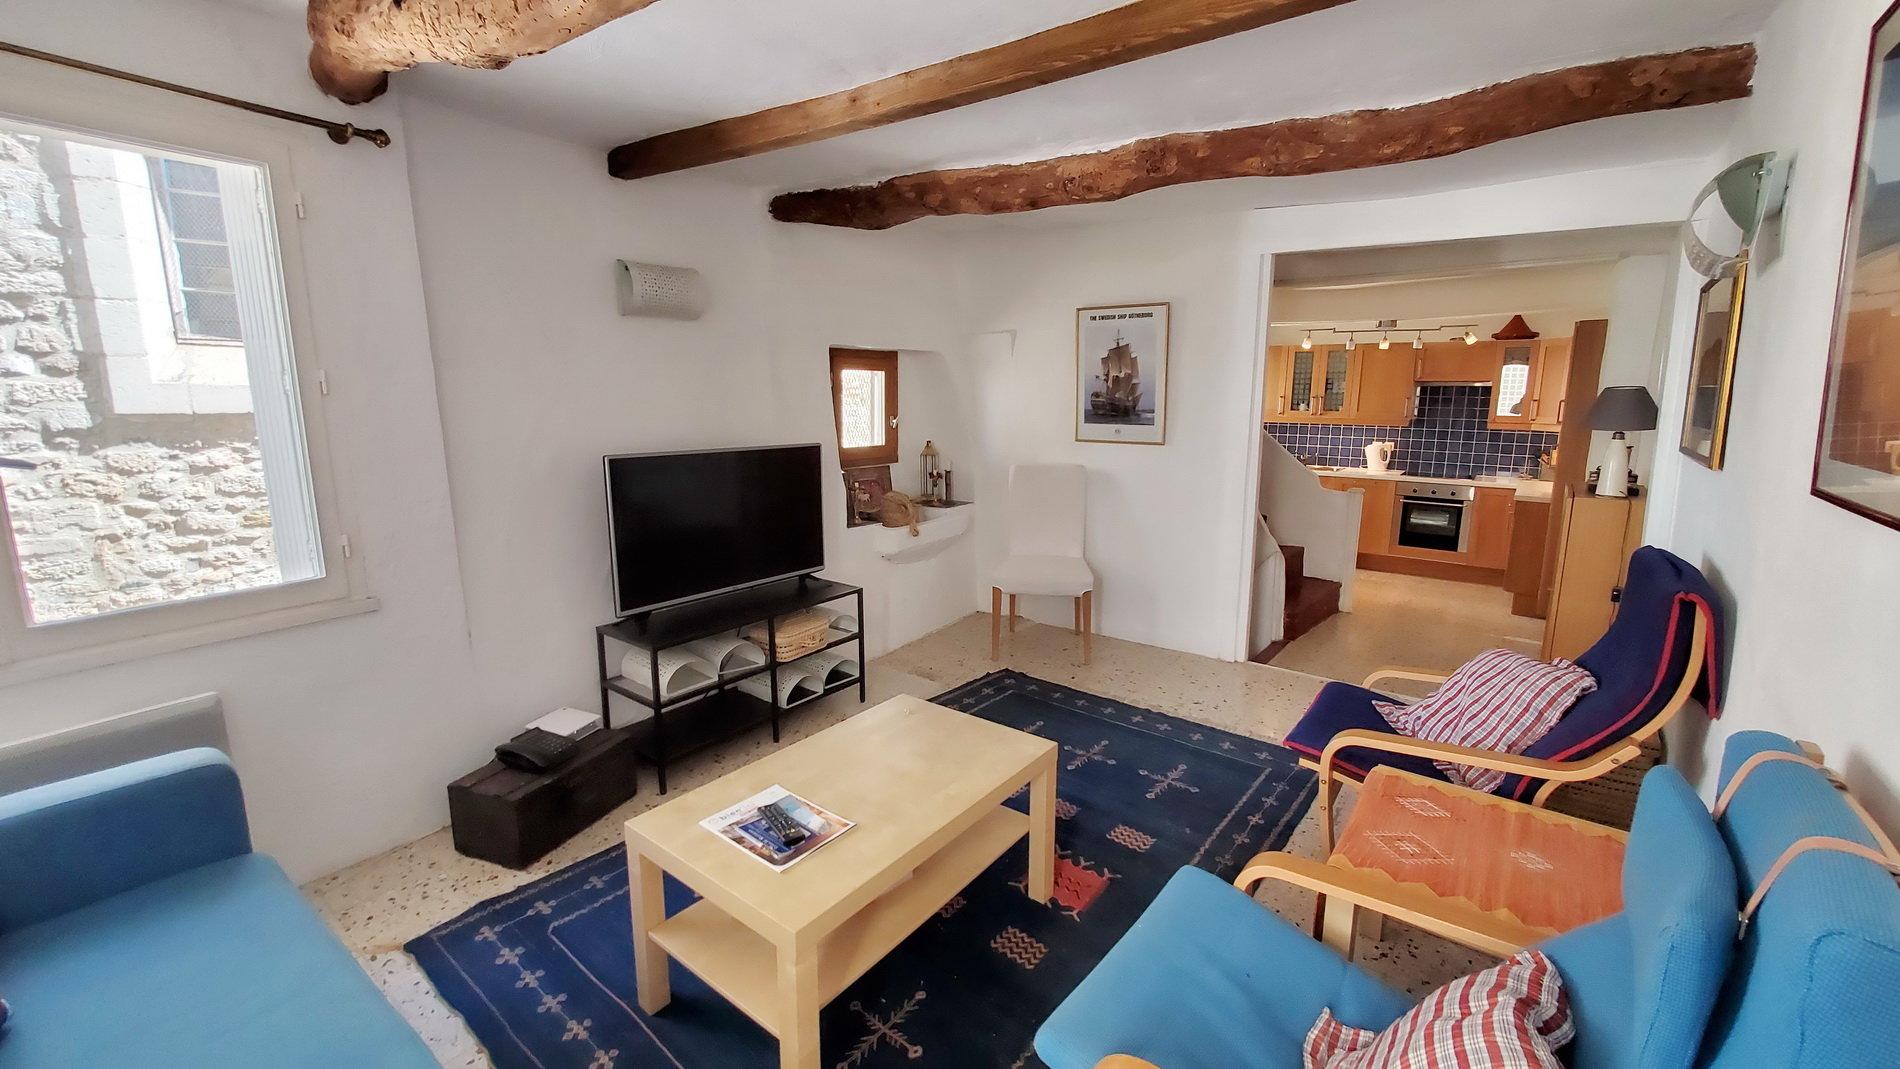 Charmante maison de village avec 3 chambres et une terrrasse ensoleillée